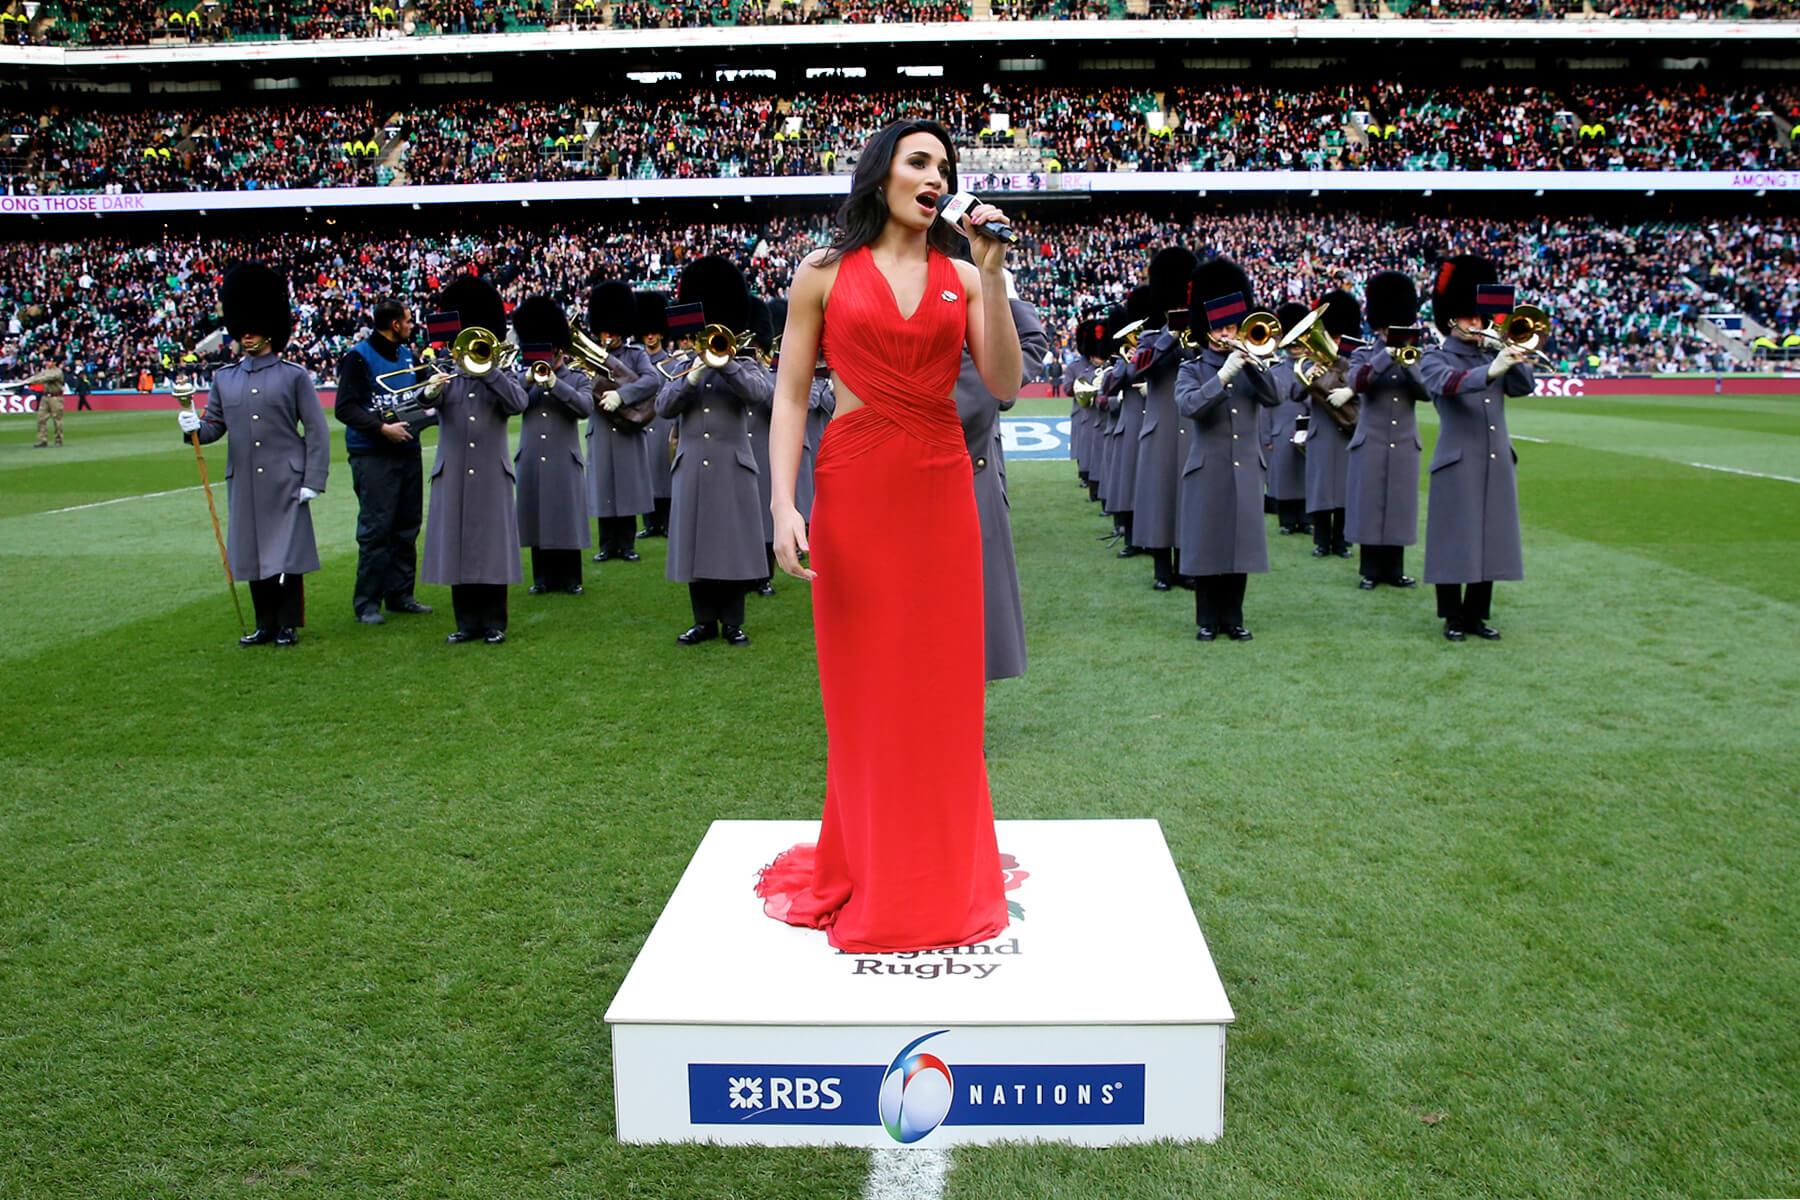 Laura Wright National Anthem Podium at Twickenham